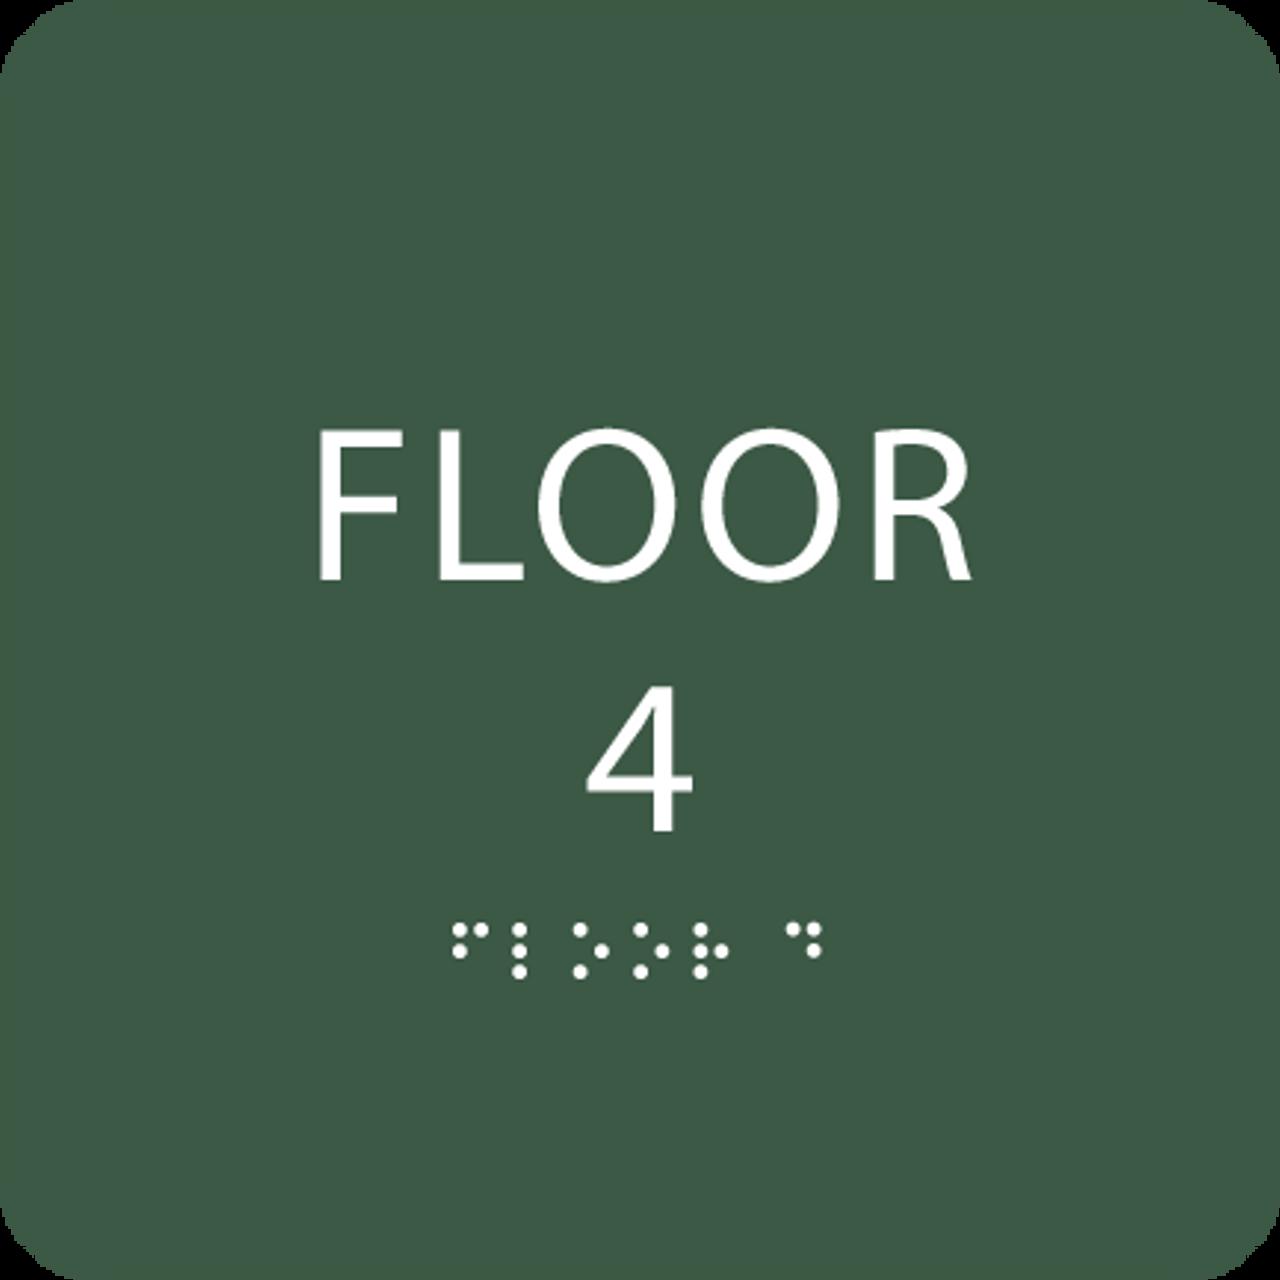 Green Floor 4 Number Sign